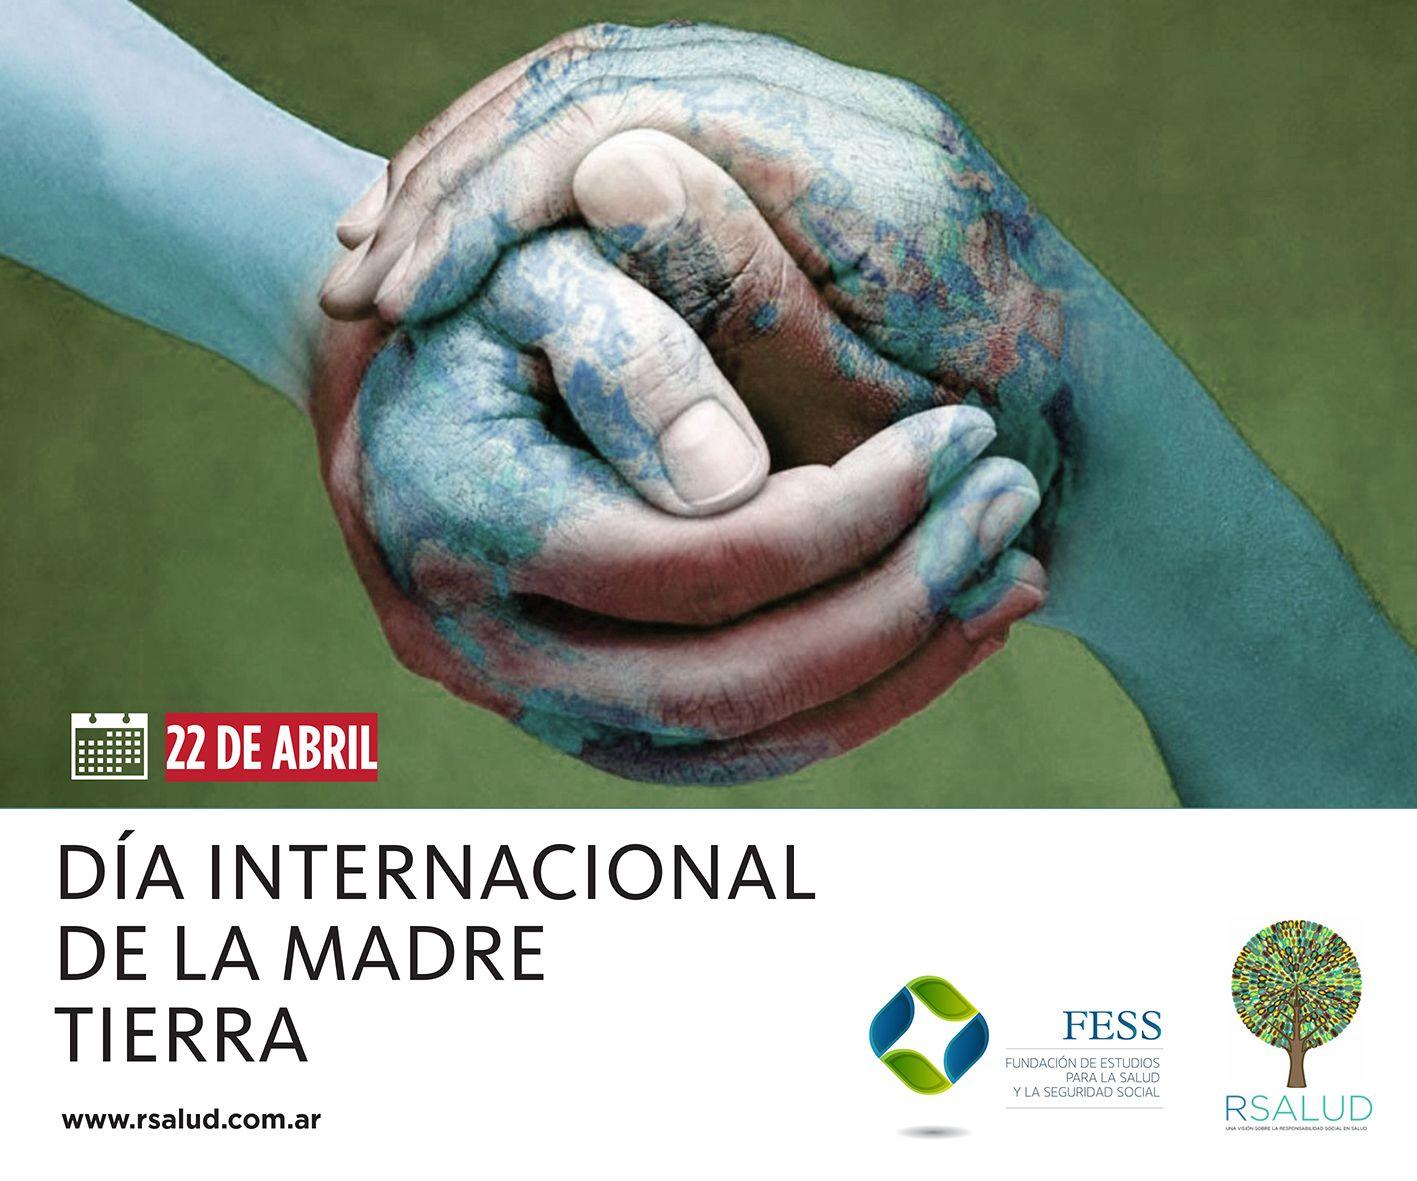 23 de abril: Día Internacional de la Madre Tierra